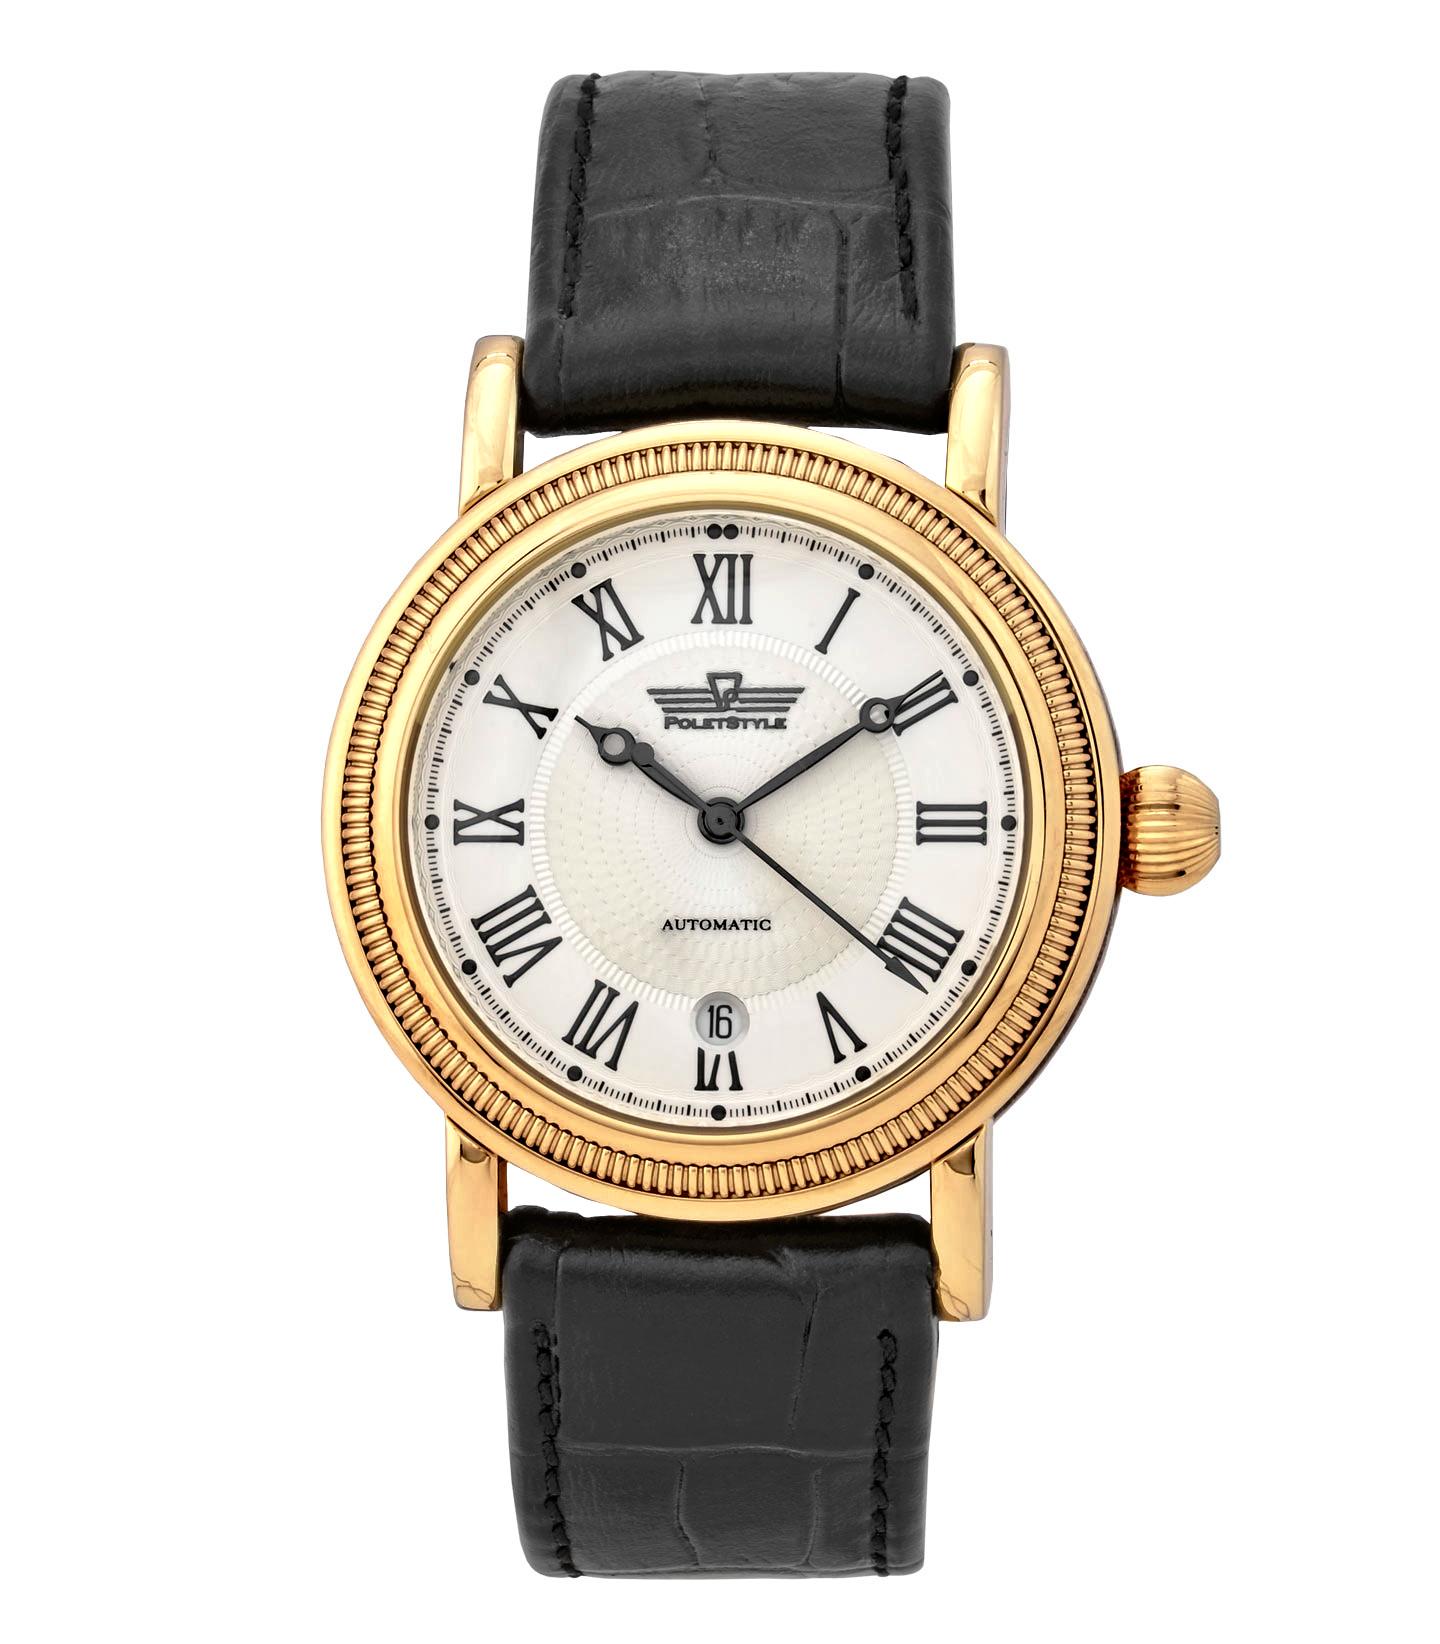 Мужские российские часы - это наручный аксессуар хорошего качества по приемлемой цене, способный удовлетворить самого взыскательного потребителя.